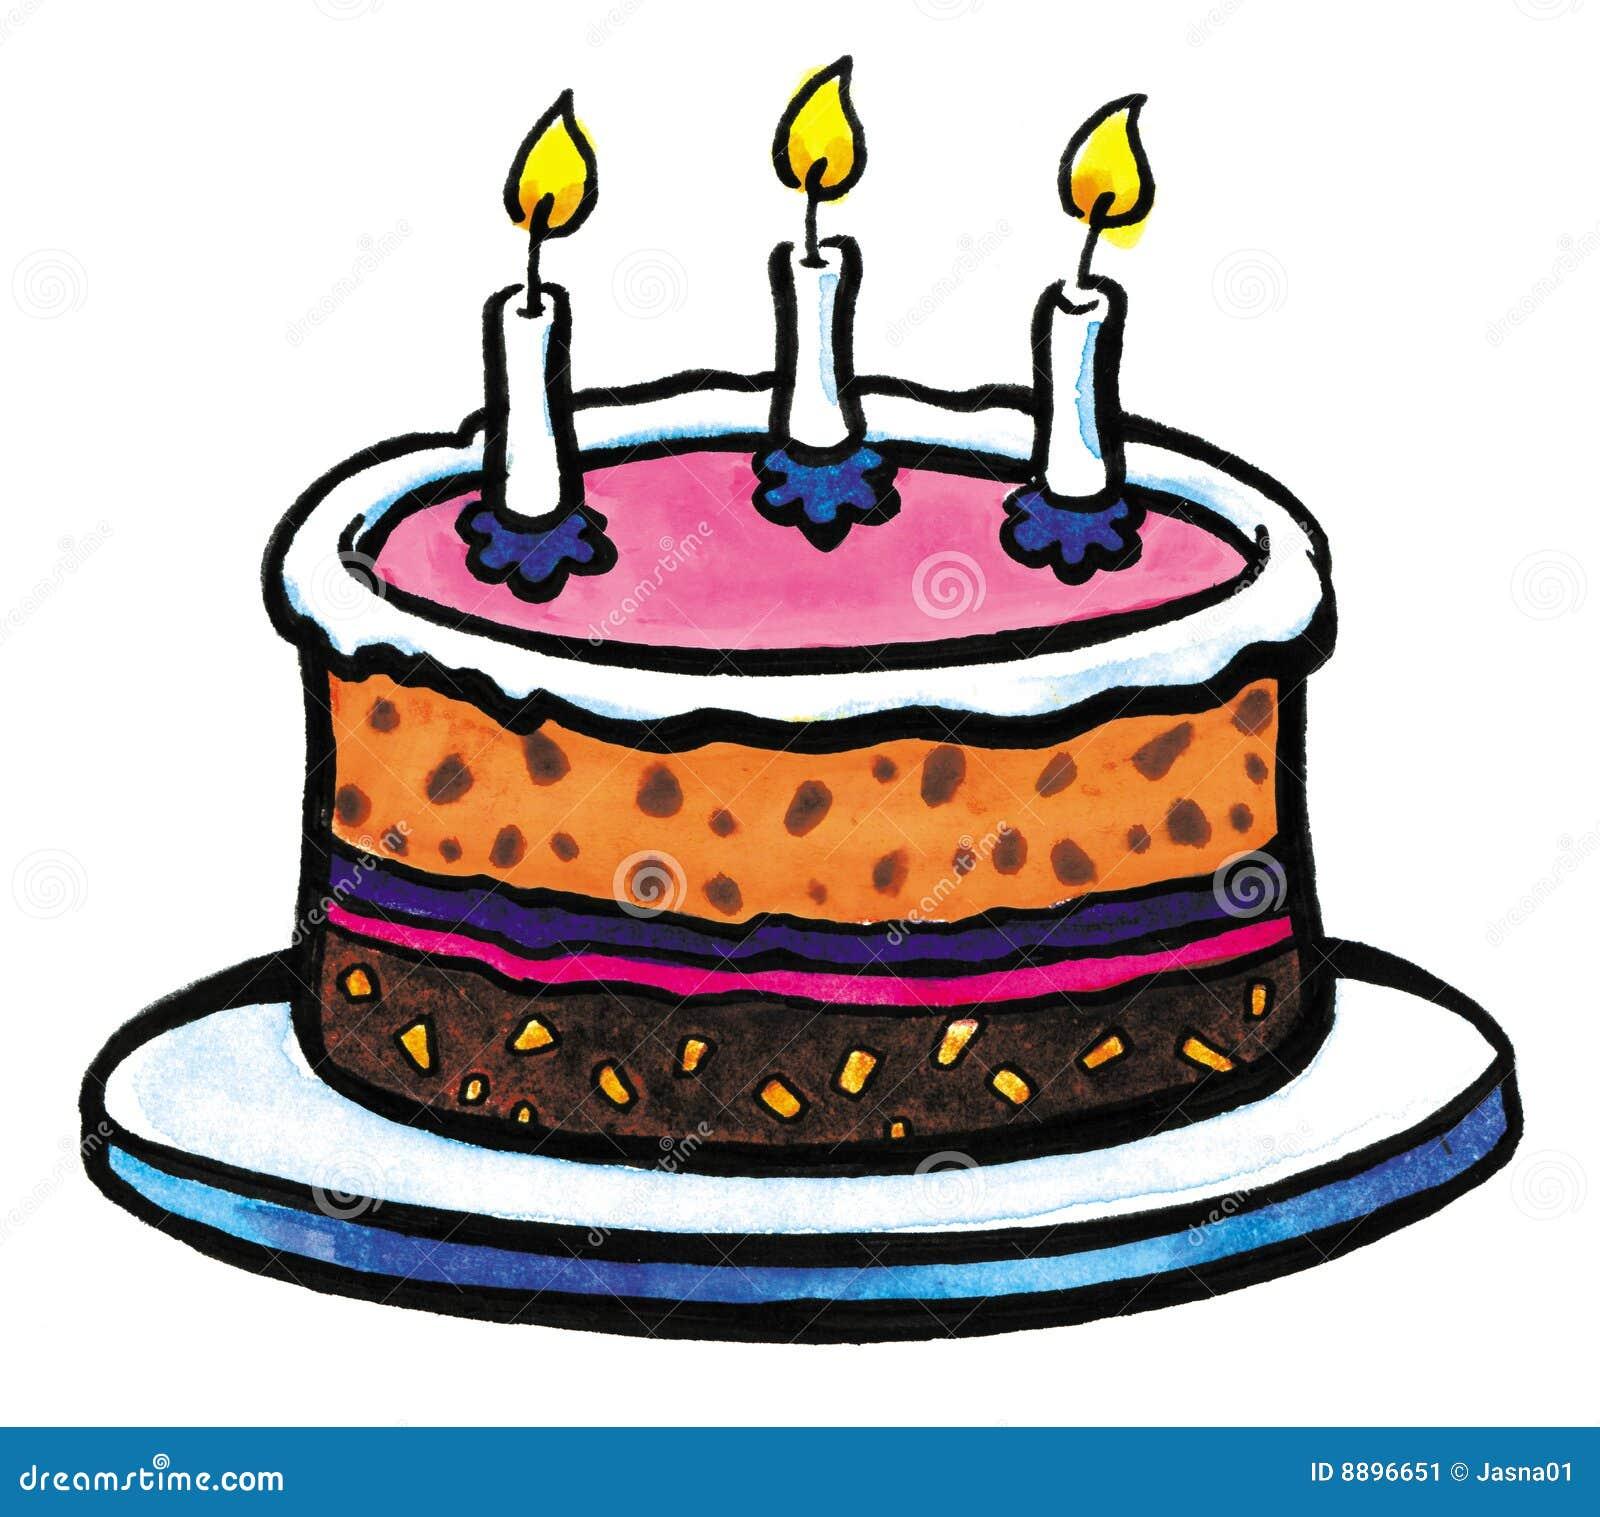 Two Years Birthday Cake Stock Photo